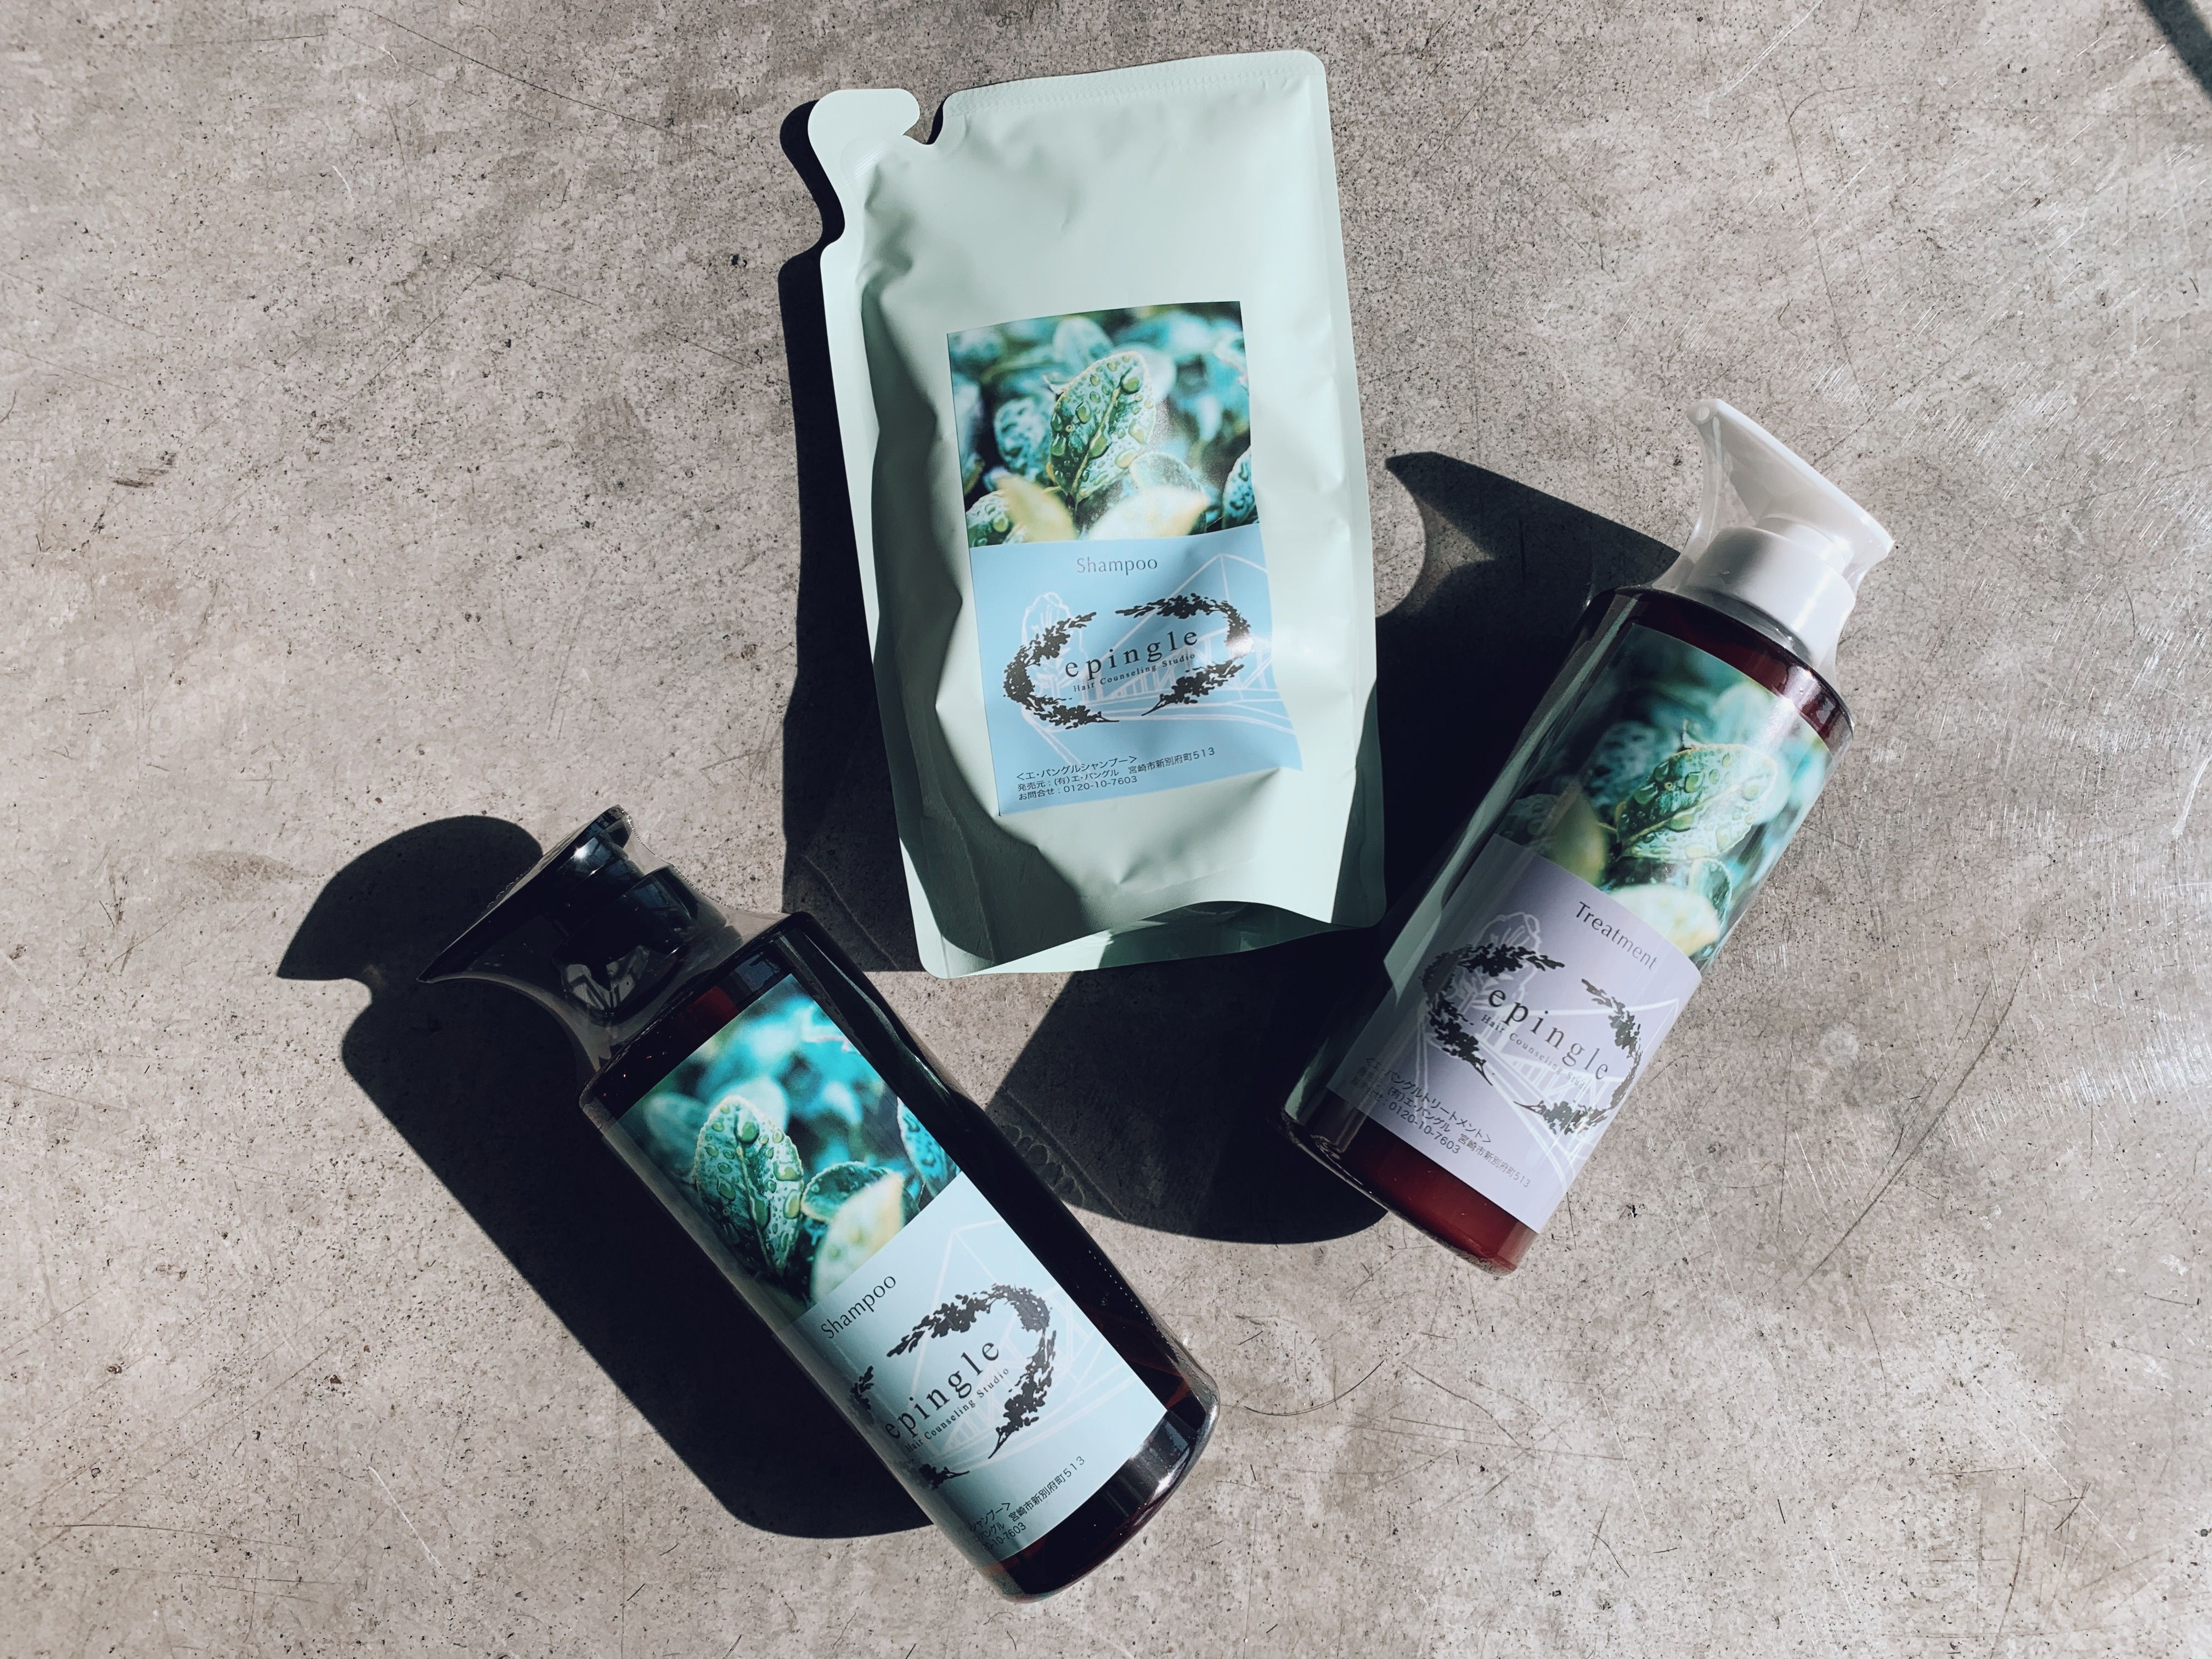 宮崎市の美容室 エ・パングル|宮崎では珍しい特殊なカラーを繰り返すことで髪と頭皮が綺麗になるDr.カラーシステムを採用している美容室!